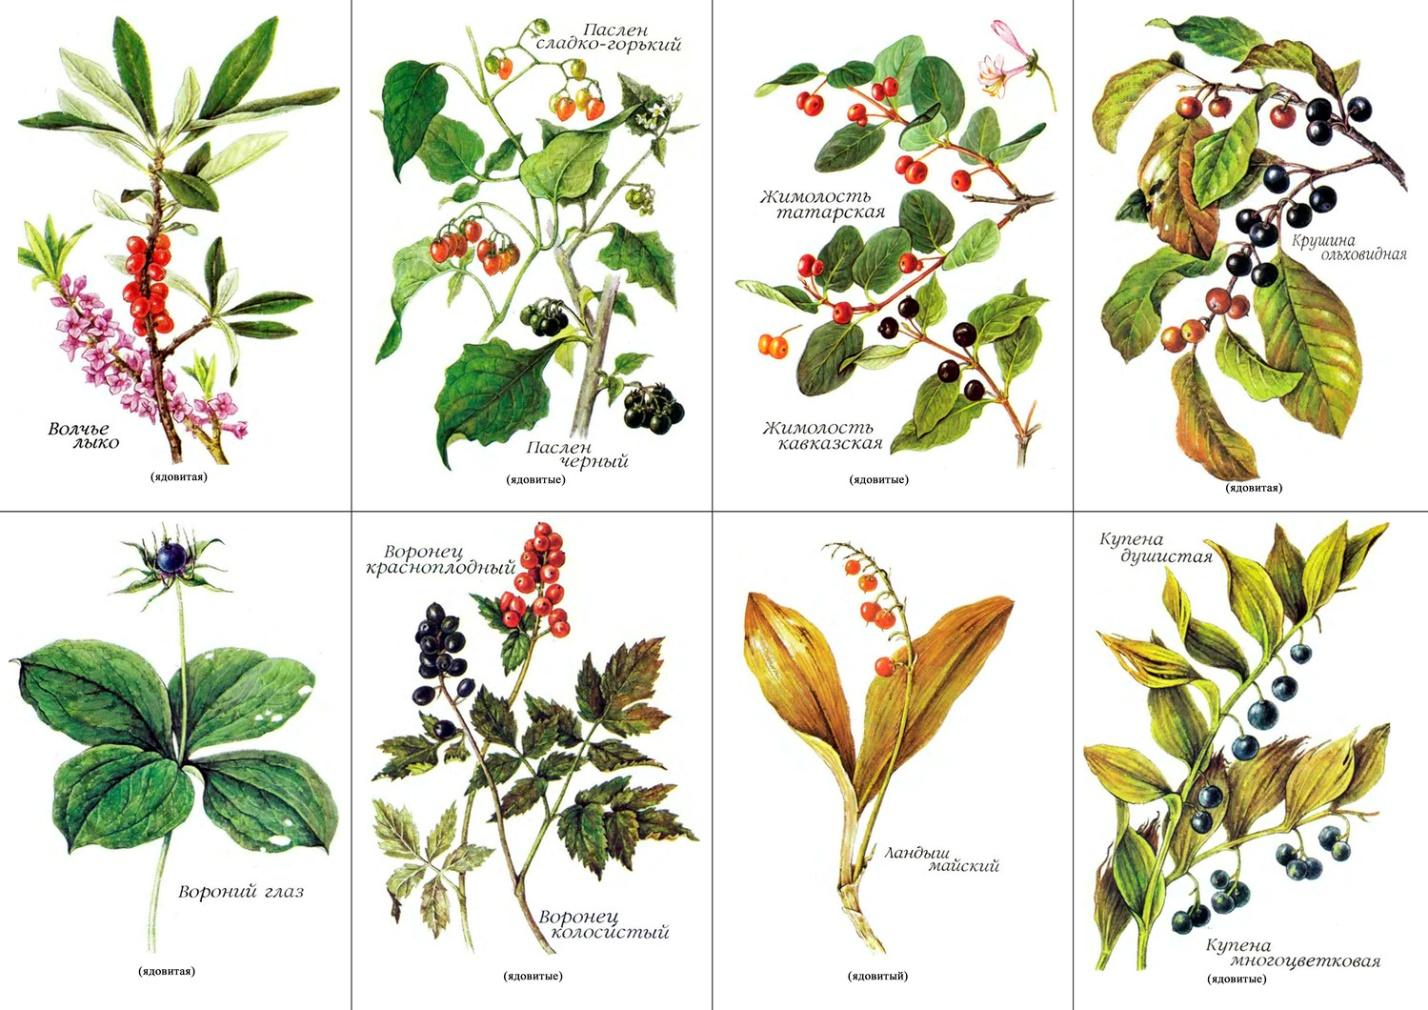 там растения леса беларуси в картинках с названиями позволяет ему быть